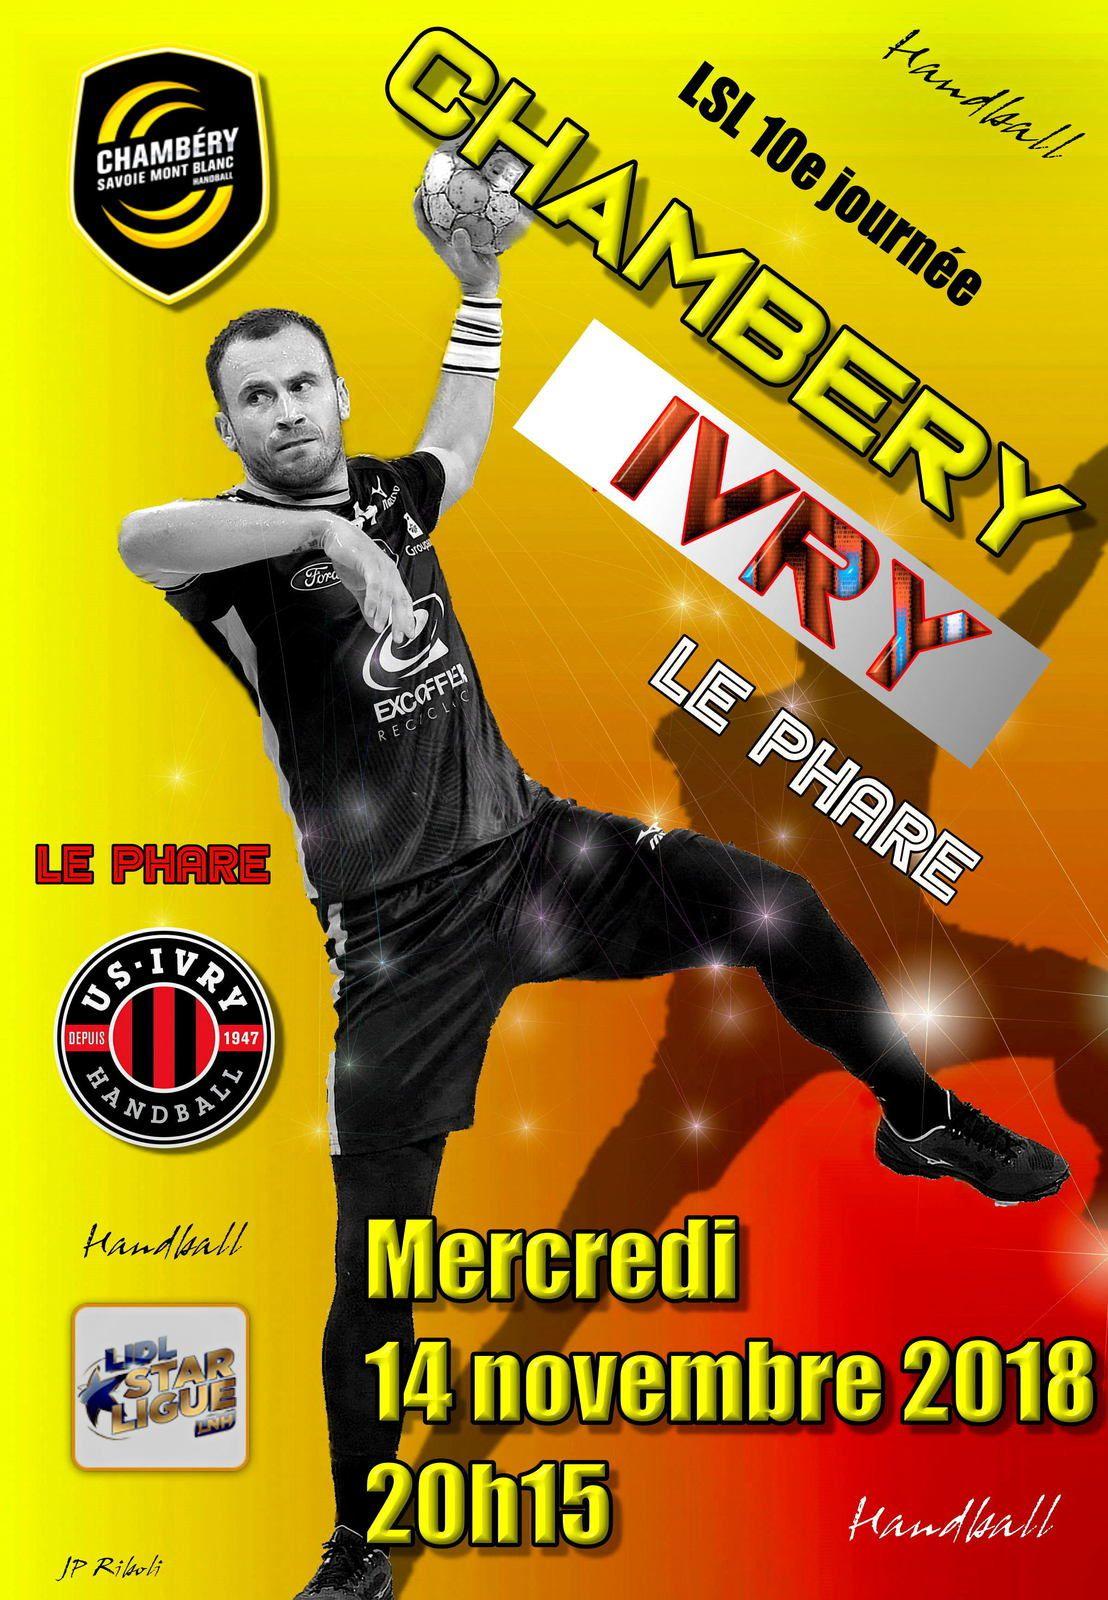 LSL: Chambéry donne une leçon de fraîcheur aux Nantais par Yves MICHEL sur Handzone